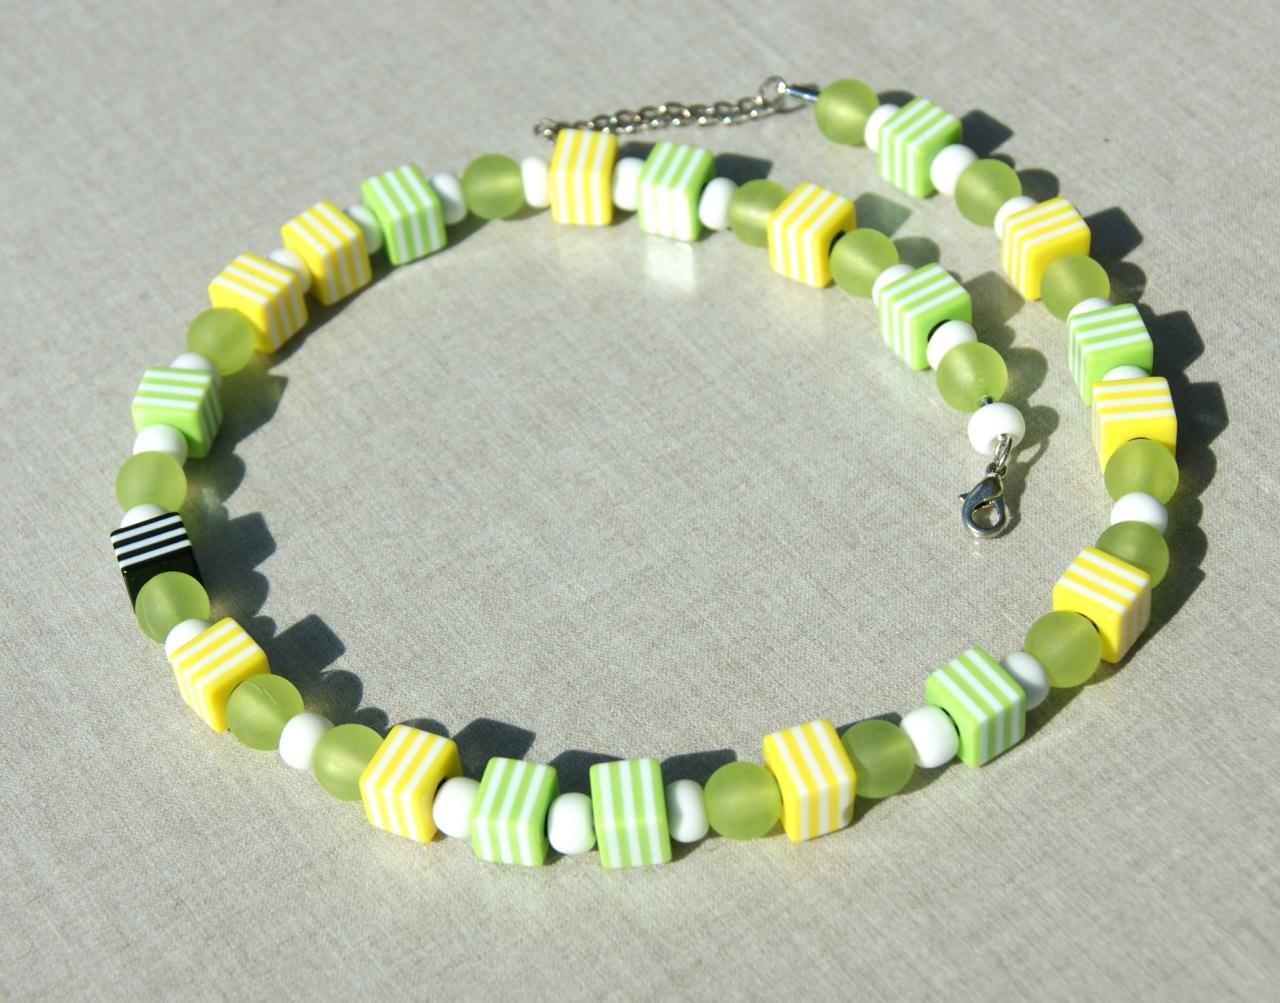 Kleinesbild - Kette SCHWARZES SCHAF im Frühling gelb weiß hellgrün Lederband Würfel Unikat